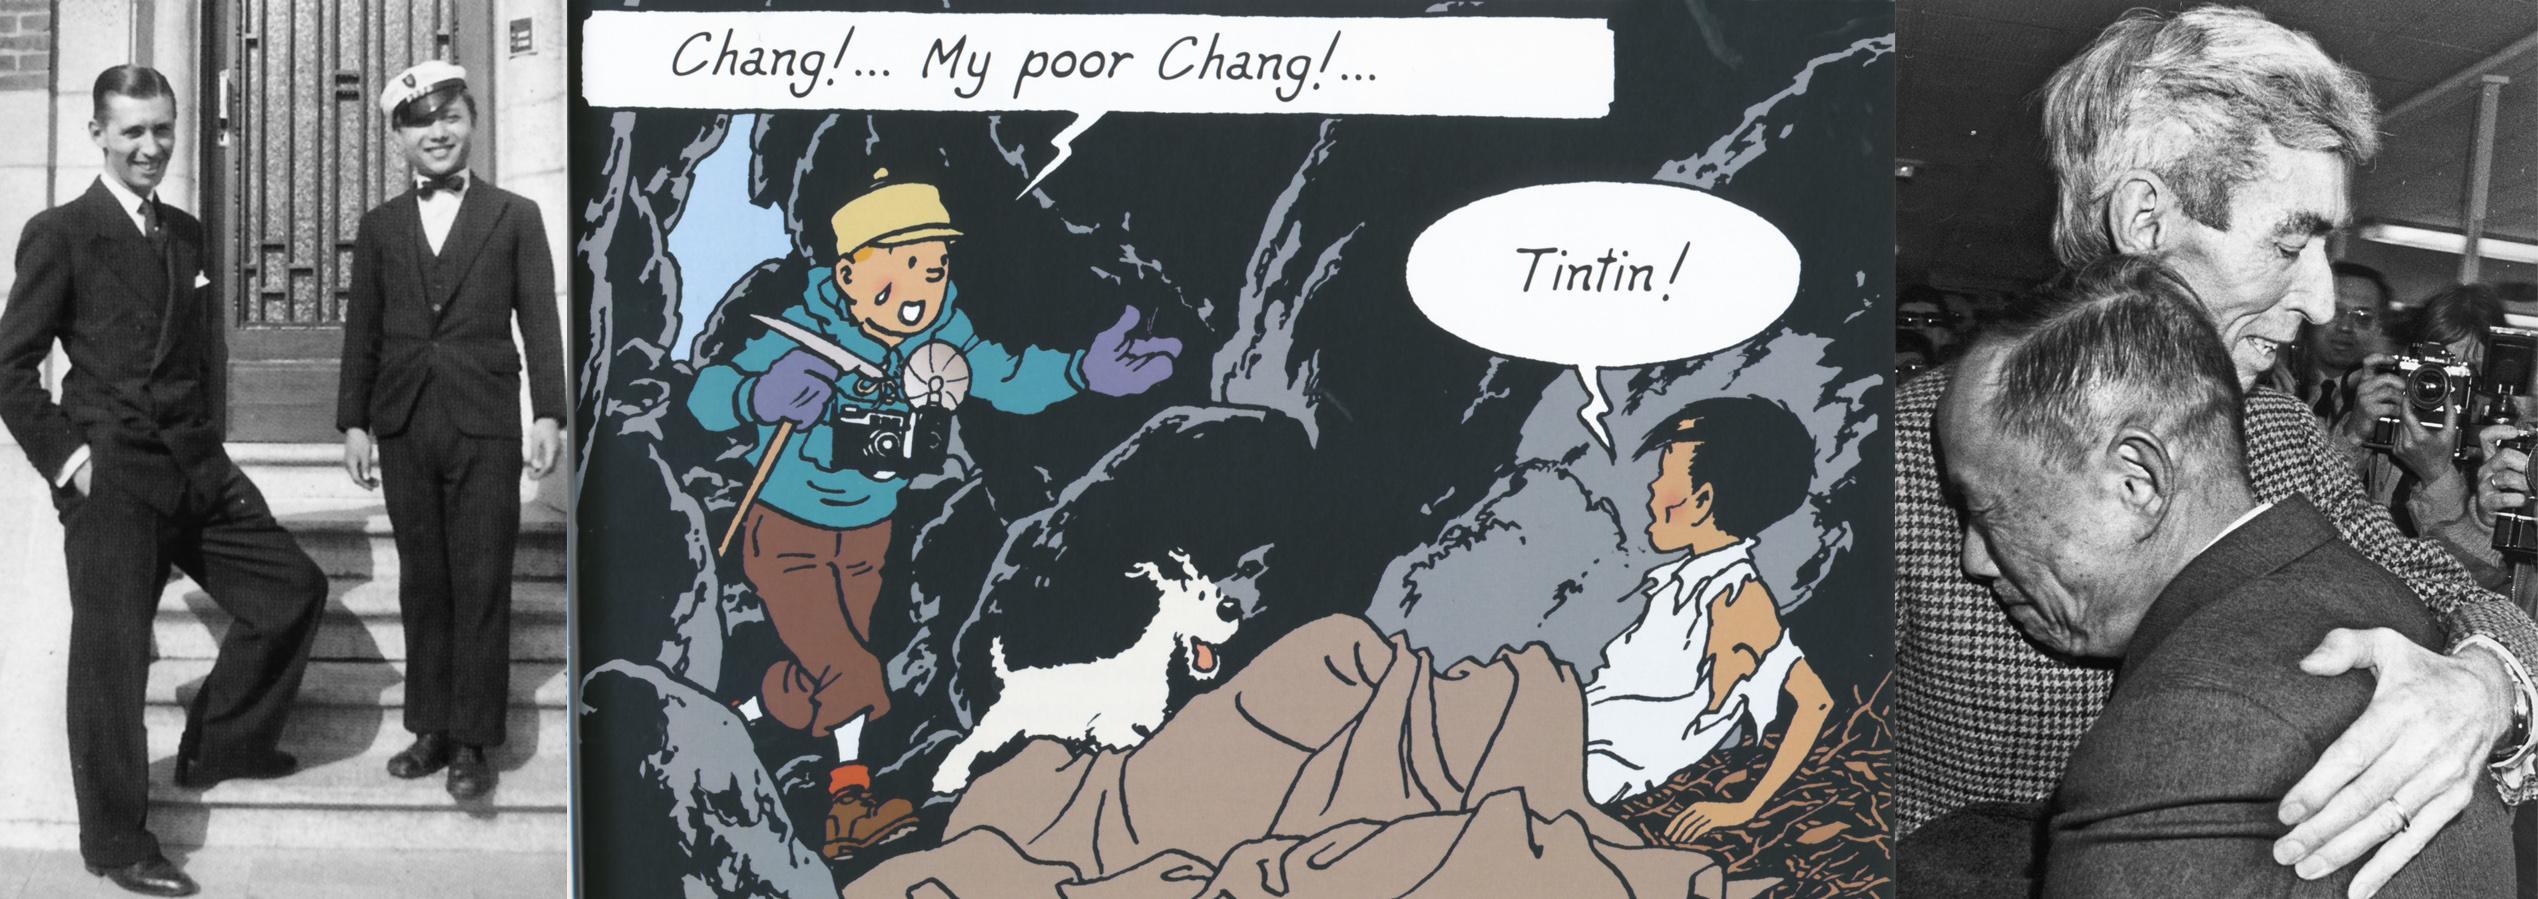 Chang y Hergé